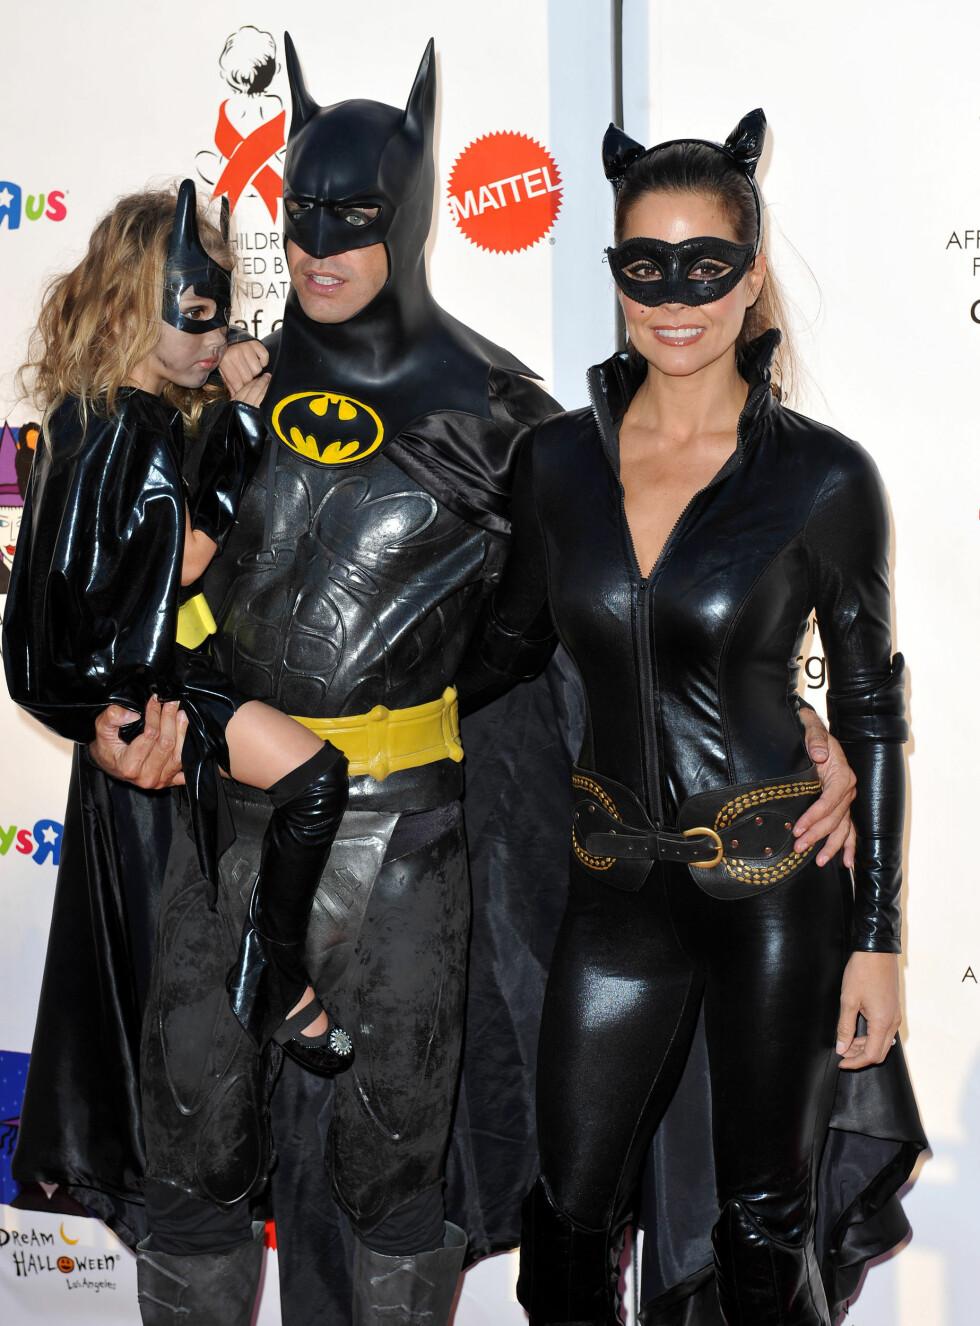 BATMAN: Modellen Brooke Burke og skuespiller David Charvet kom som Batman og Catwoman på Halloweenfest i 2010. De hadde med seg datteren Heaven Rain. Foto: Stella Pictures